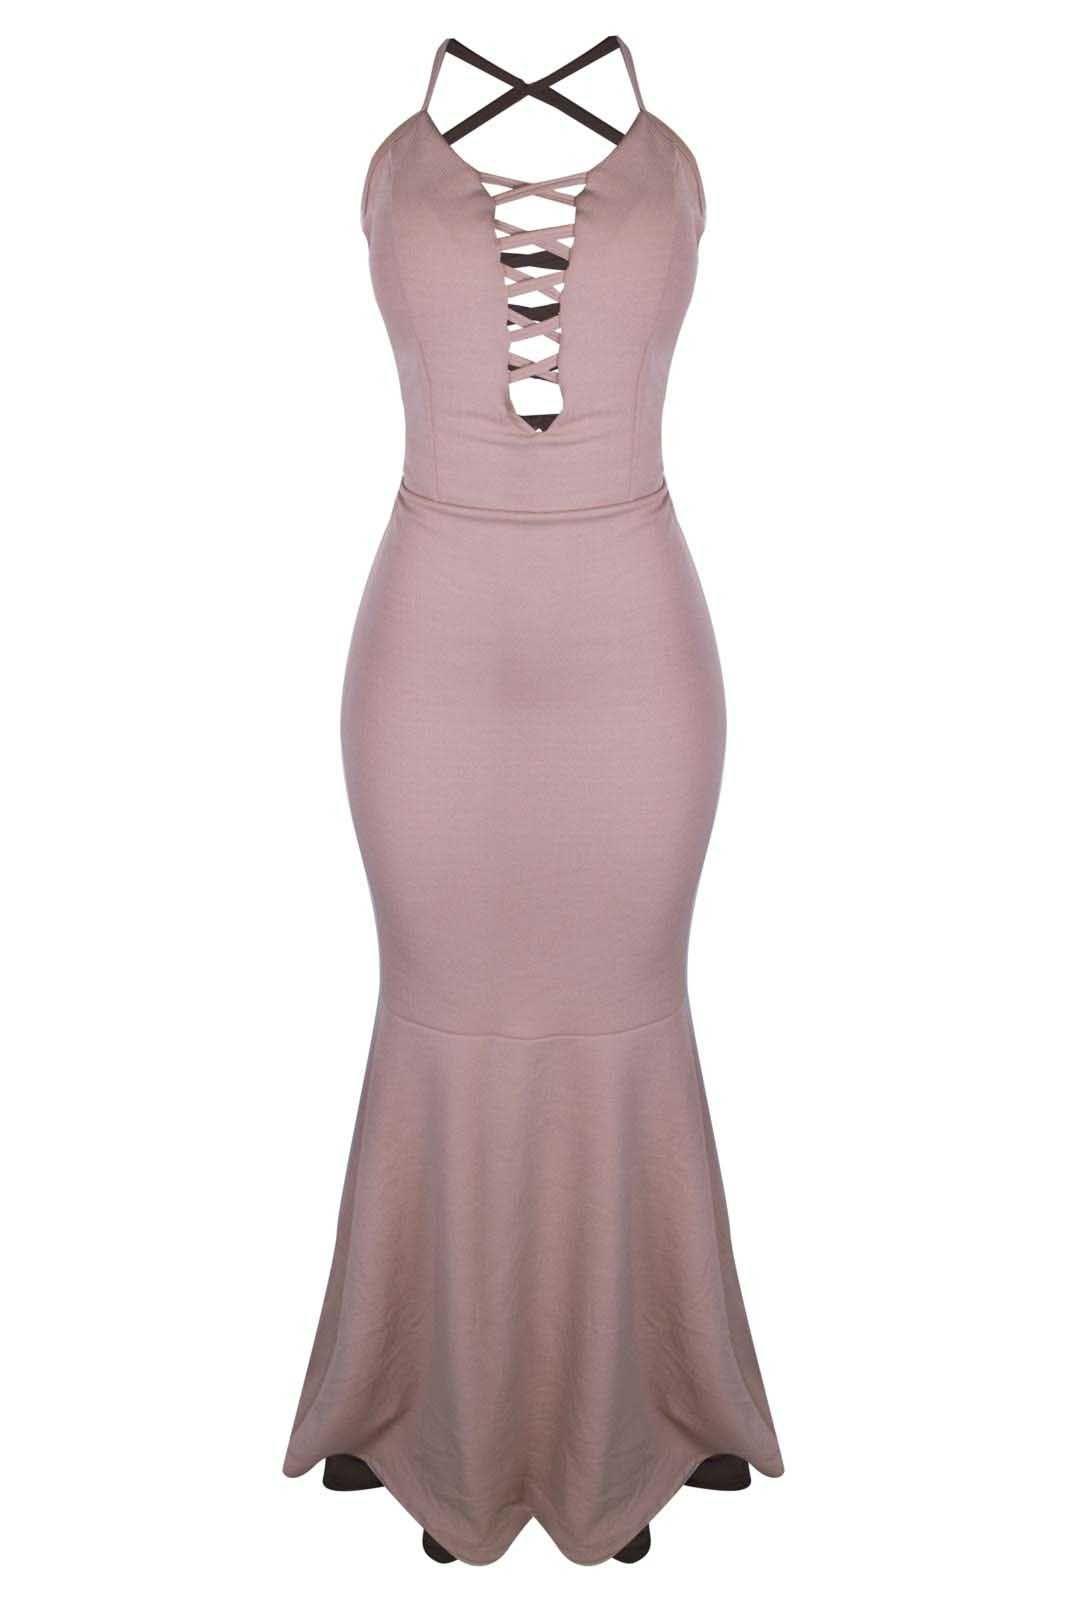 Vestido Outlet Dri Alcinha Casual Tubinho Sereia Decote Tiras Frente Rosa